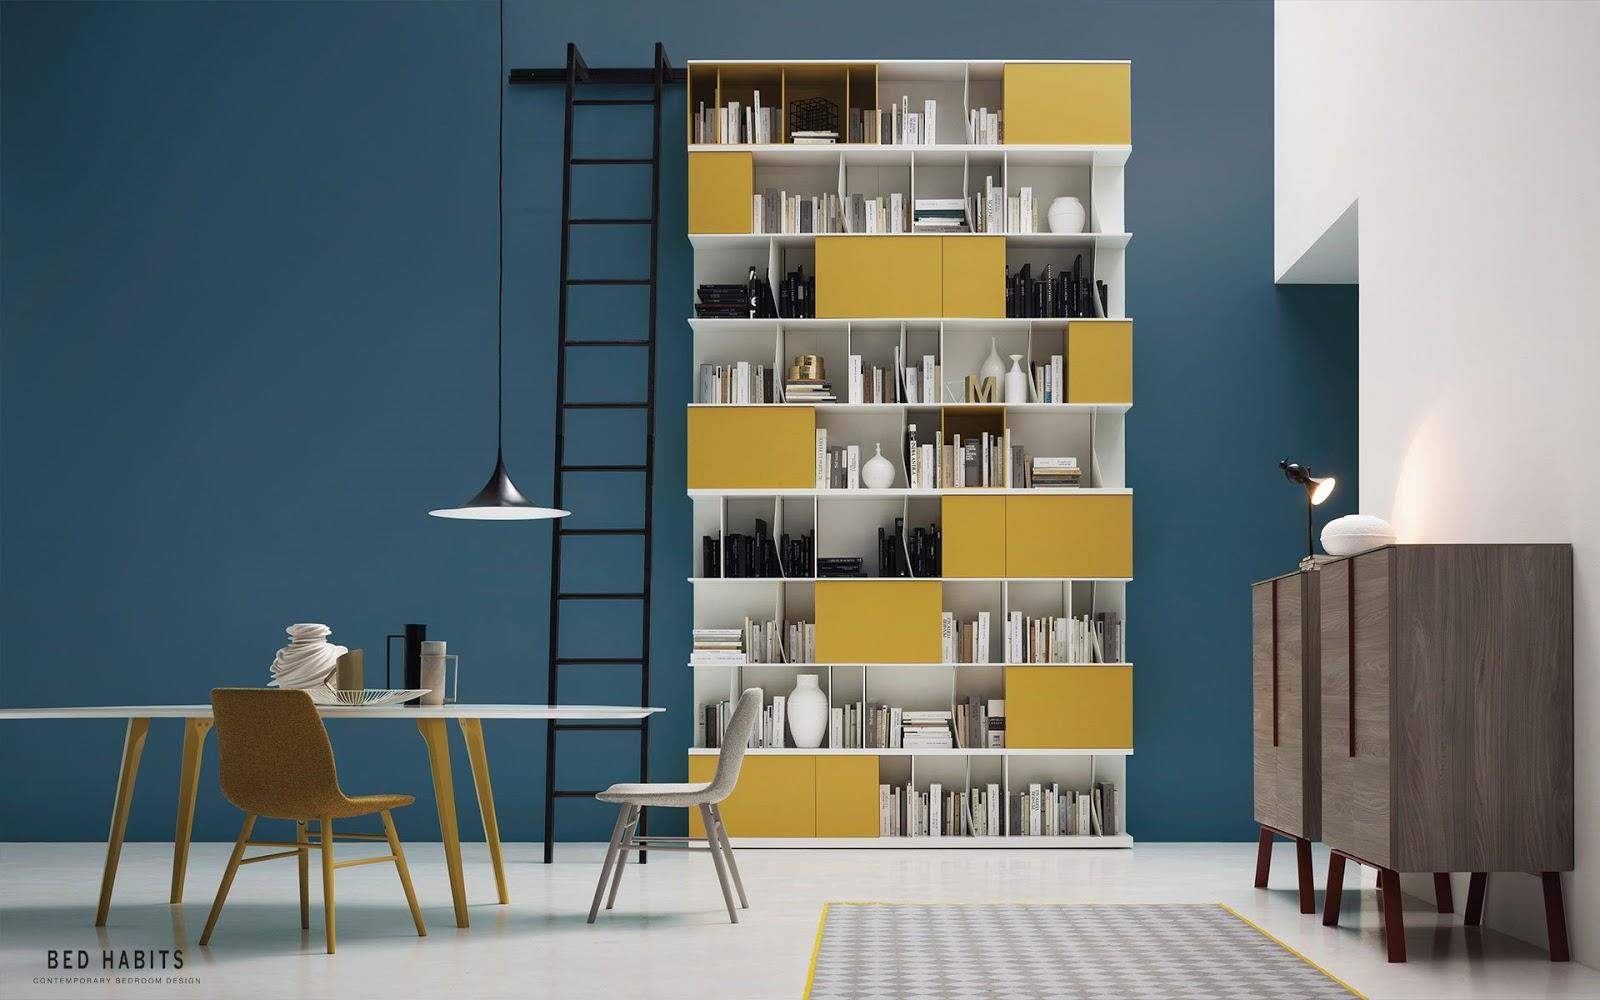 O design italiano em londres larissa carbone arquitetura for Design italiano